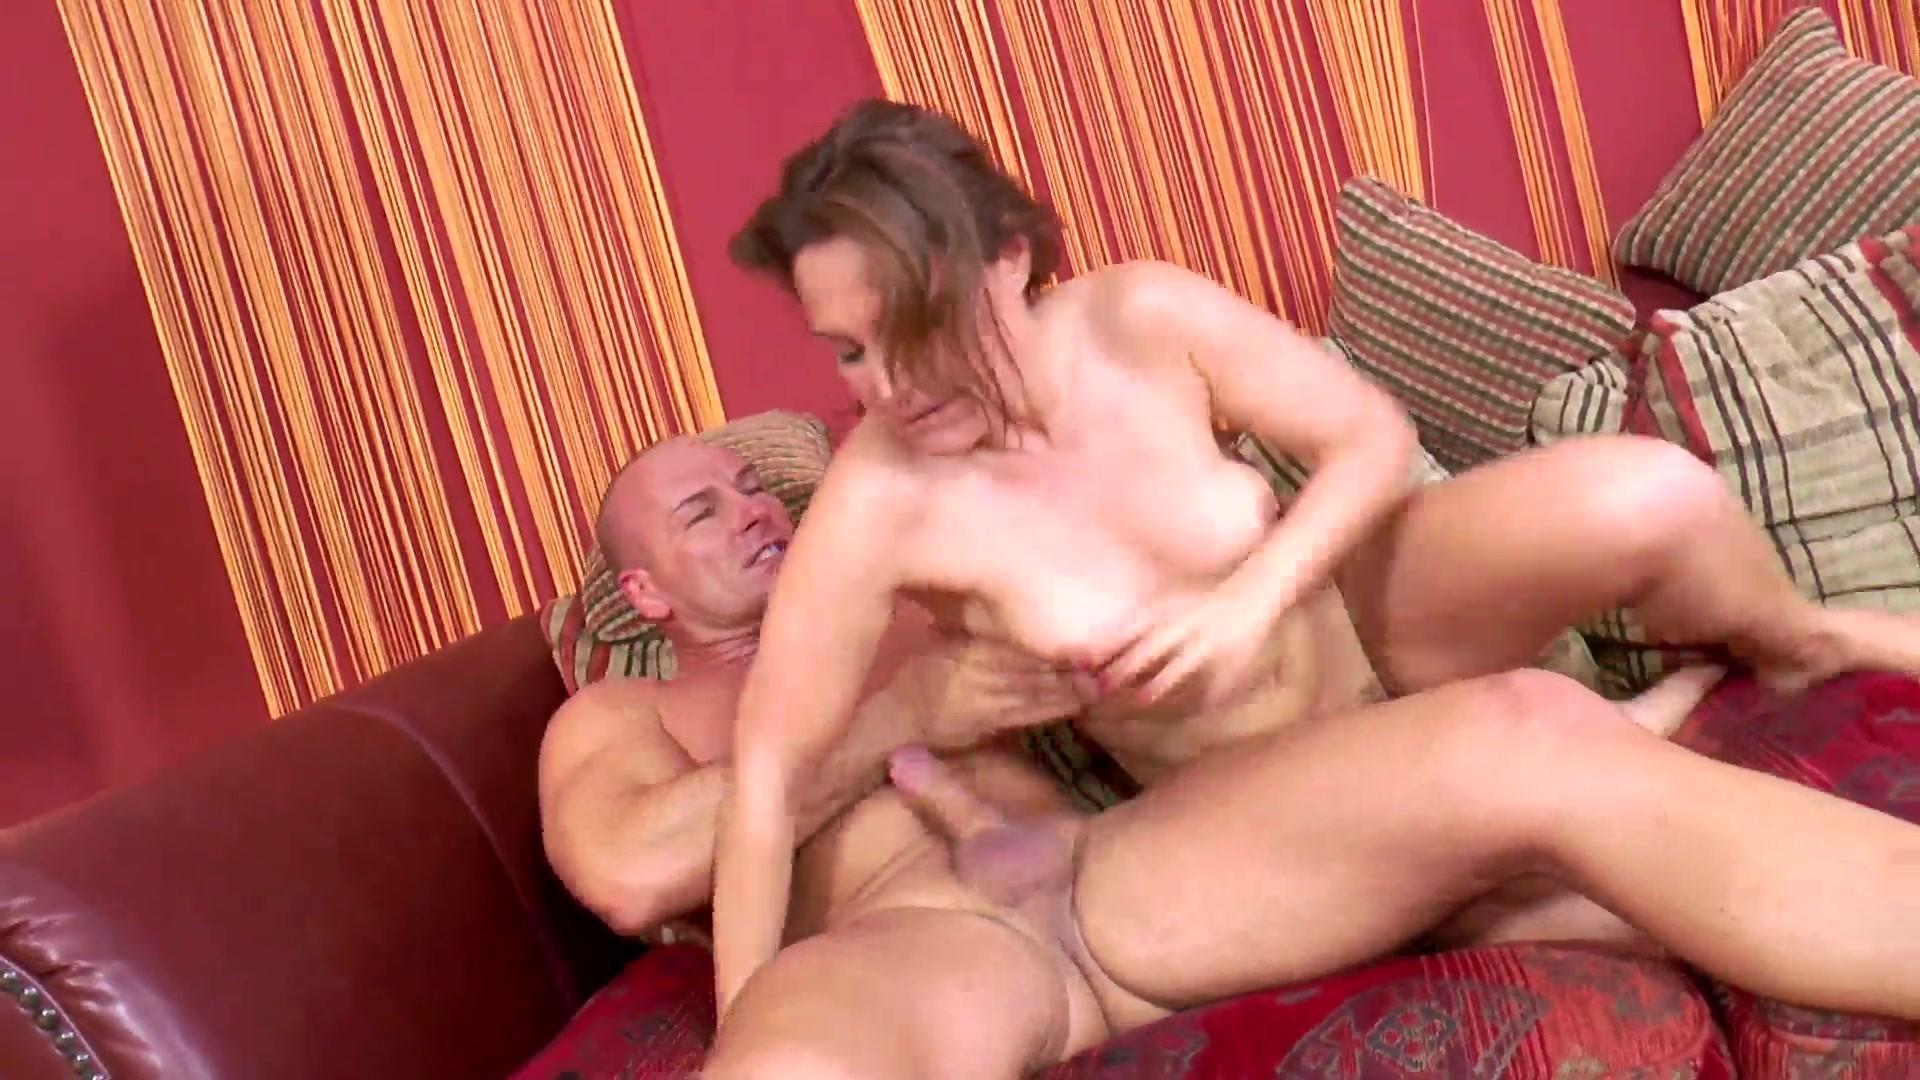 Nude disney porn videos